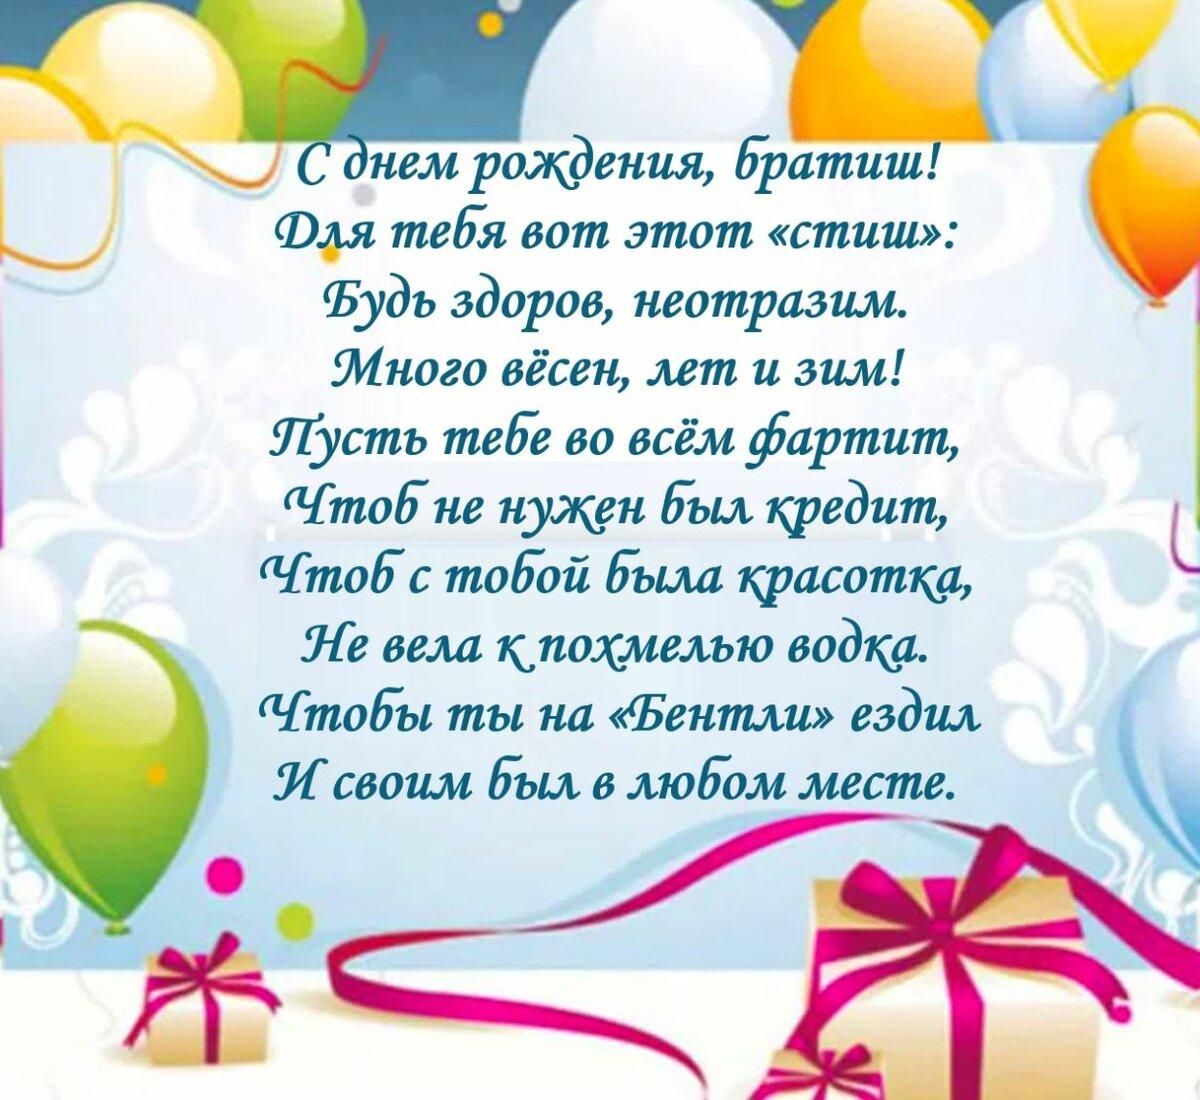 имеет поздравить двоюродного брата с днем рождения от сестры трогательные можно